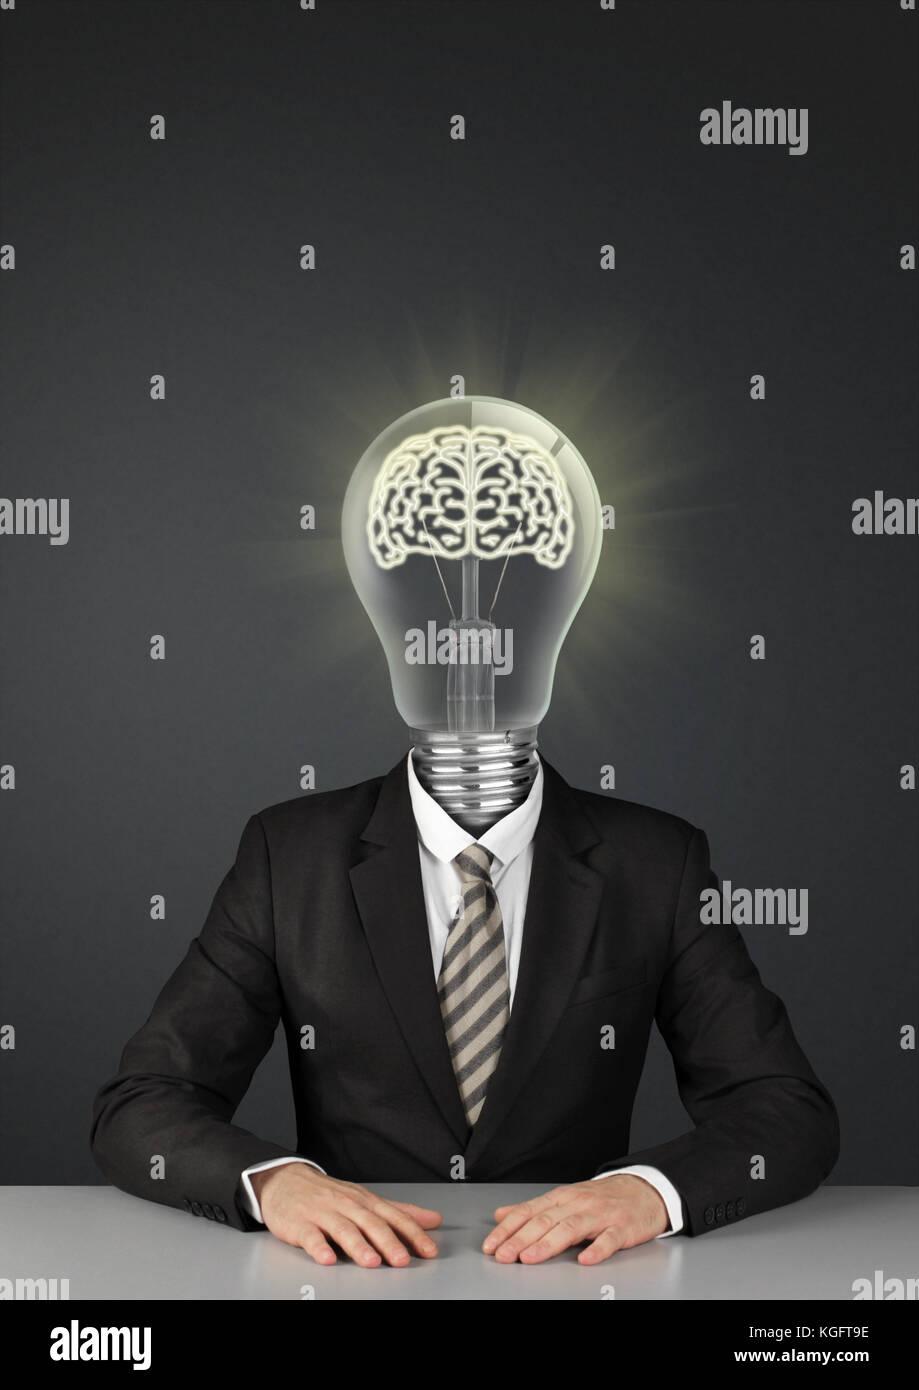 Geschäftsmann auf Schwarz mit Glühbirne anstelle von Kopf, tolle Ideen, Konzept Stockbild